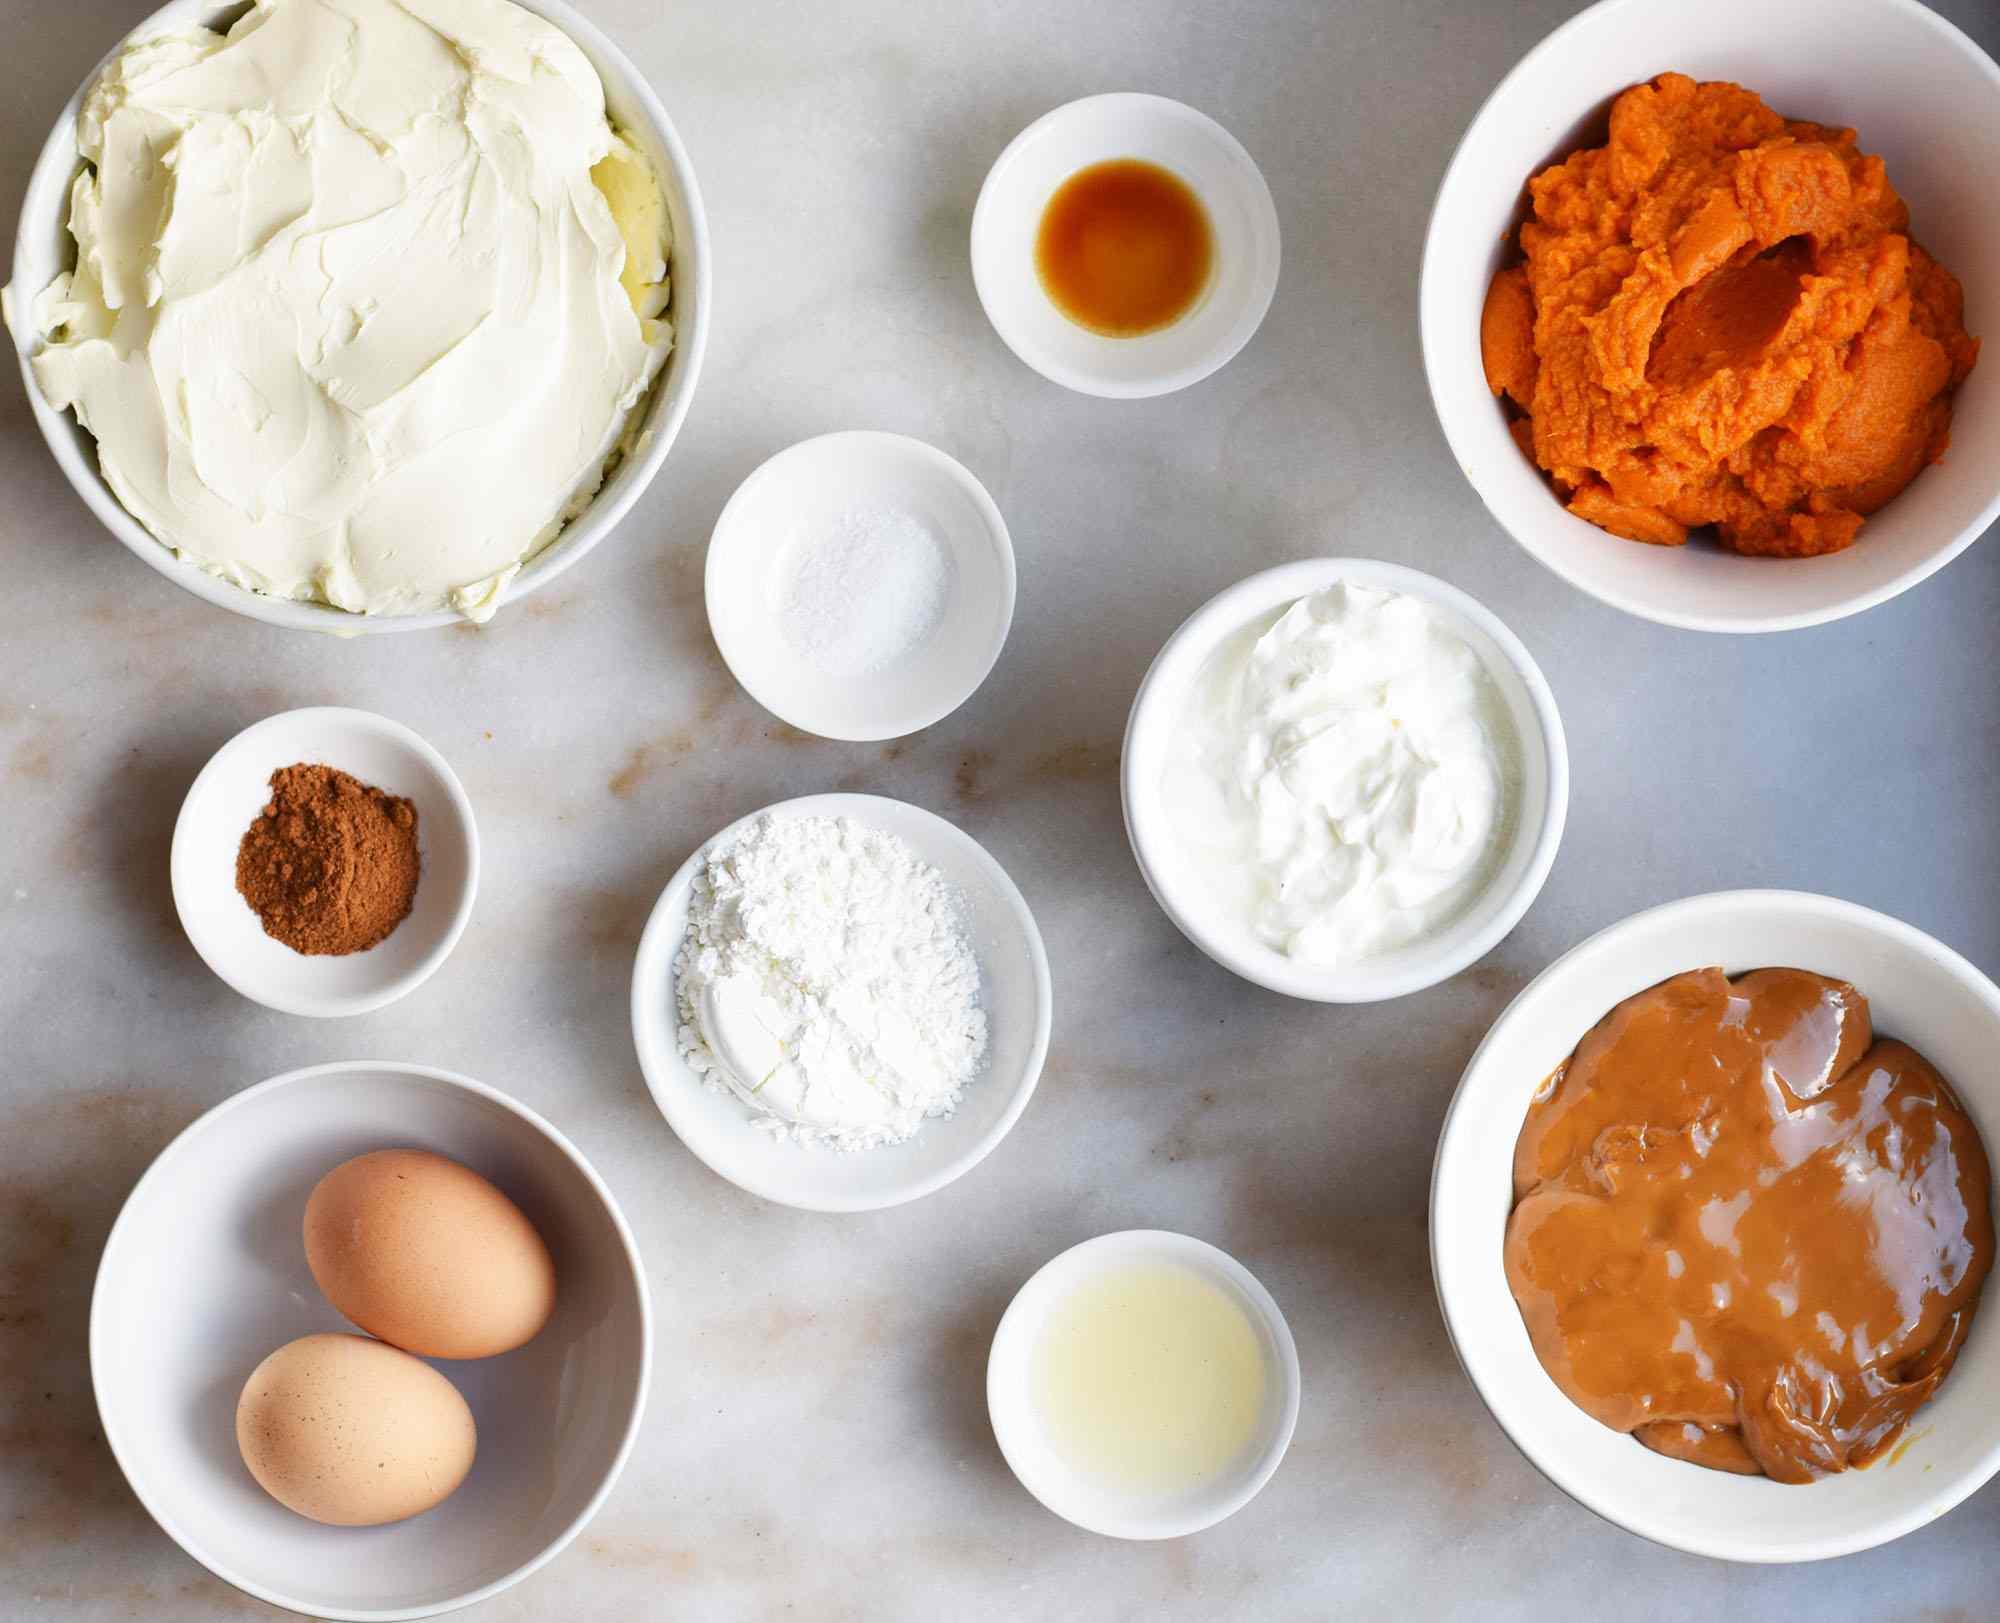 pumpkin cheesecake filling ingredients